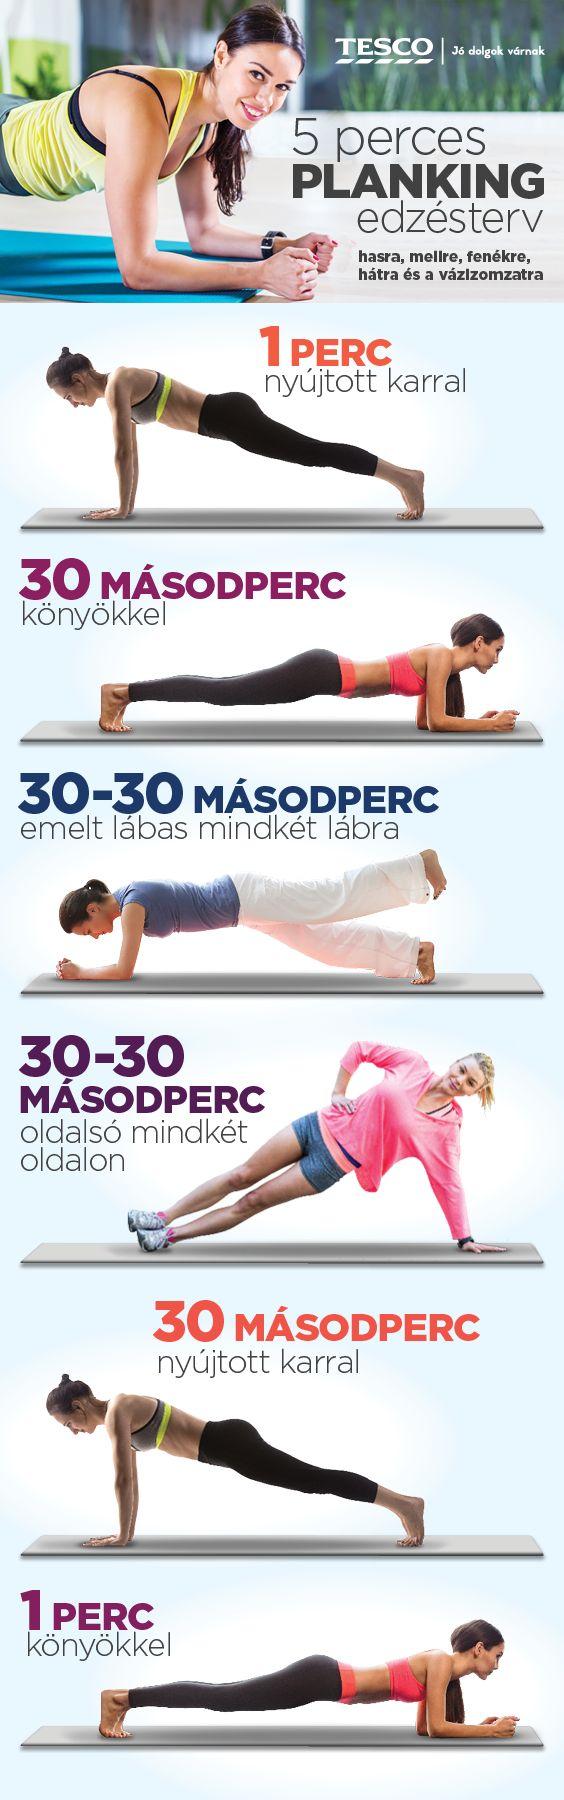 Néhány egyszerű gyakorlat és sziklaszilárd izomzatra és tartásra tehetsz szert. Dobd a sutba a lustaságodat és próbáld ki még ma! :) #planking #sport #egeszseg #fitness